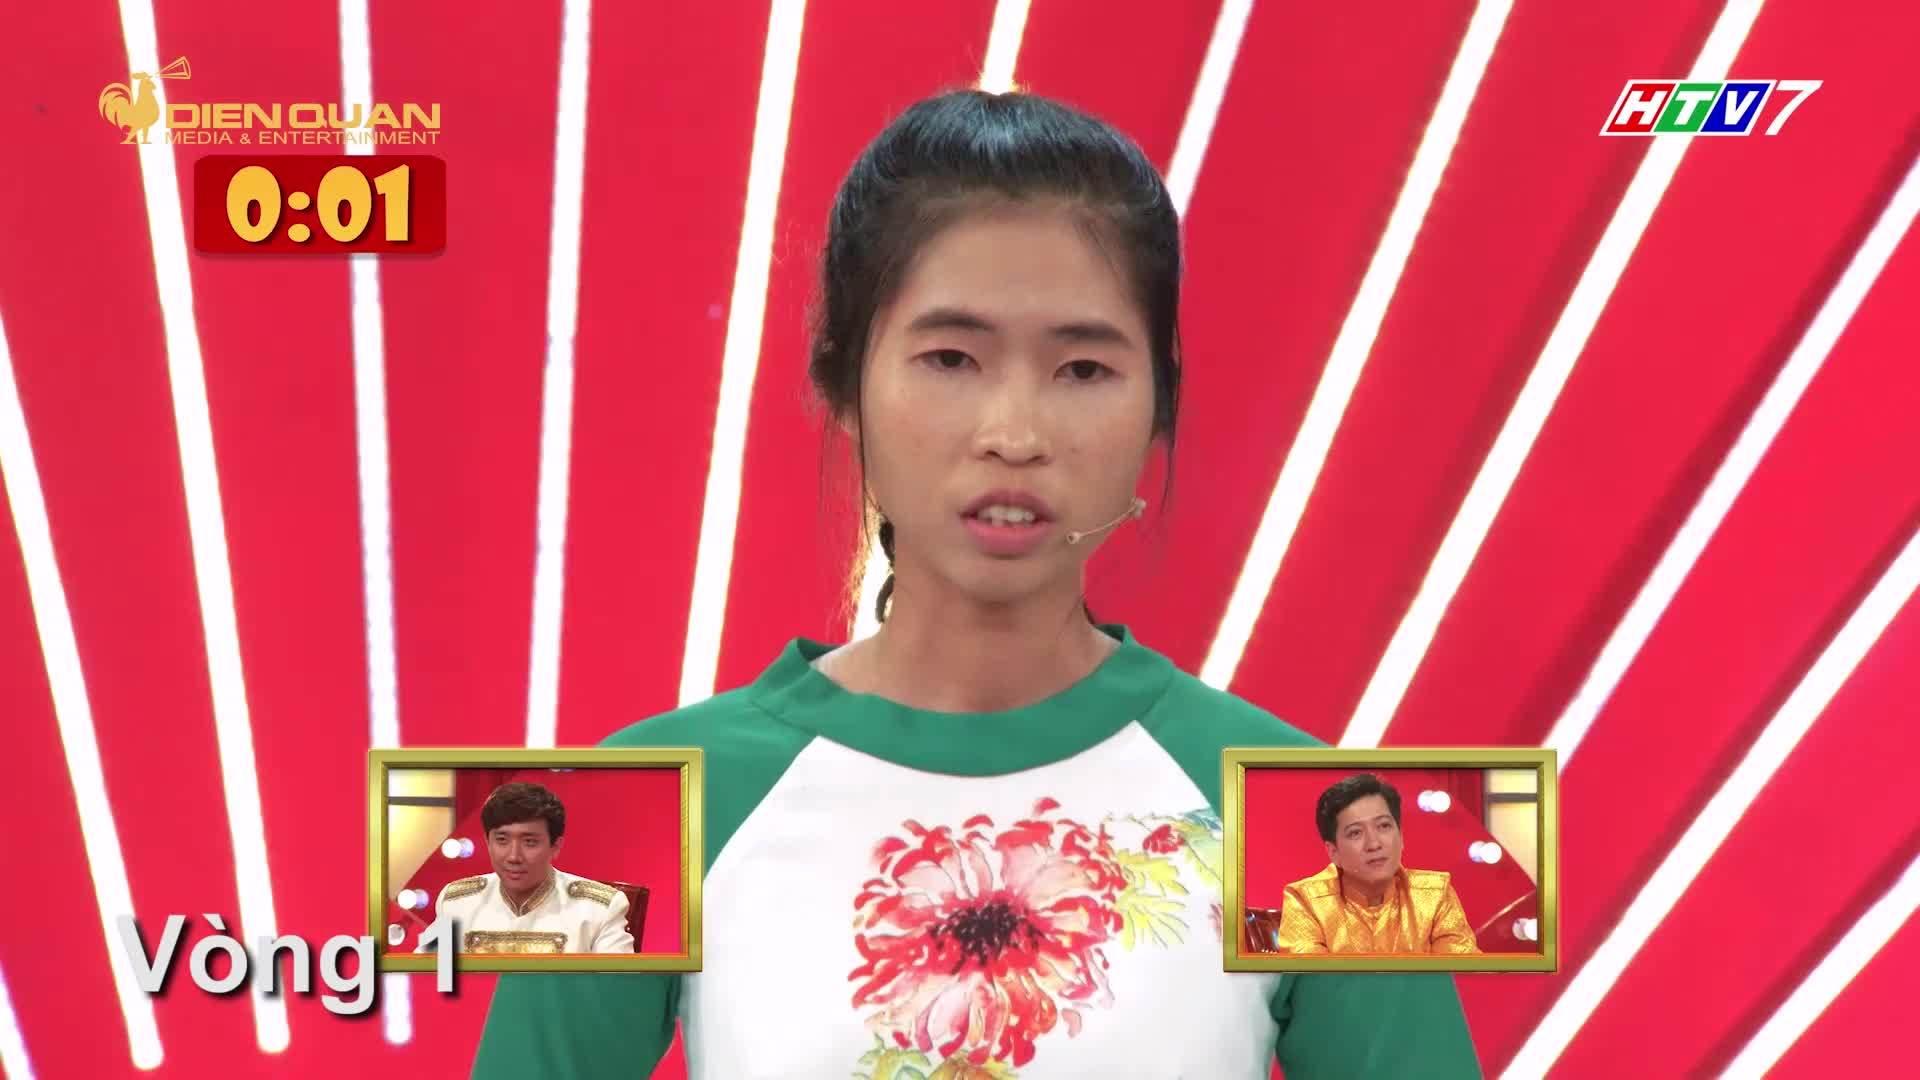 Cô gái giành 100 triệu đồng nhờ chọc Trấn Thành cười (bài Tuấn Nhu viết)